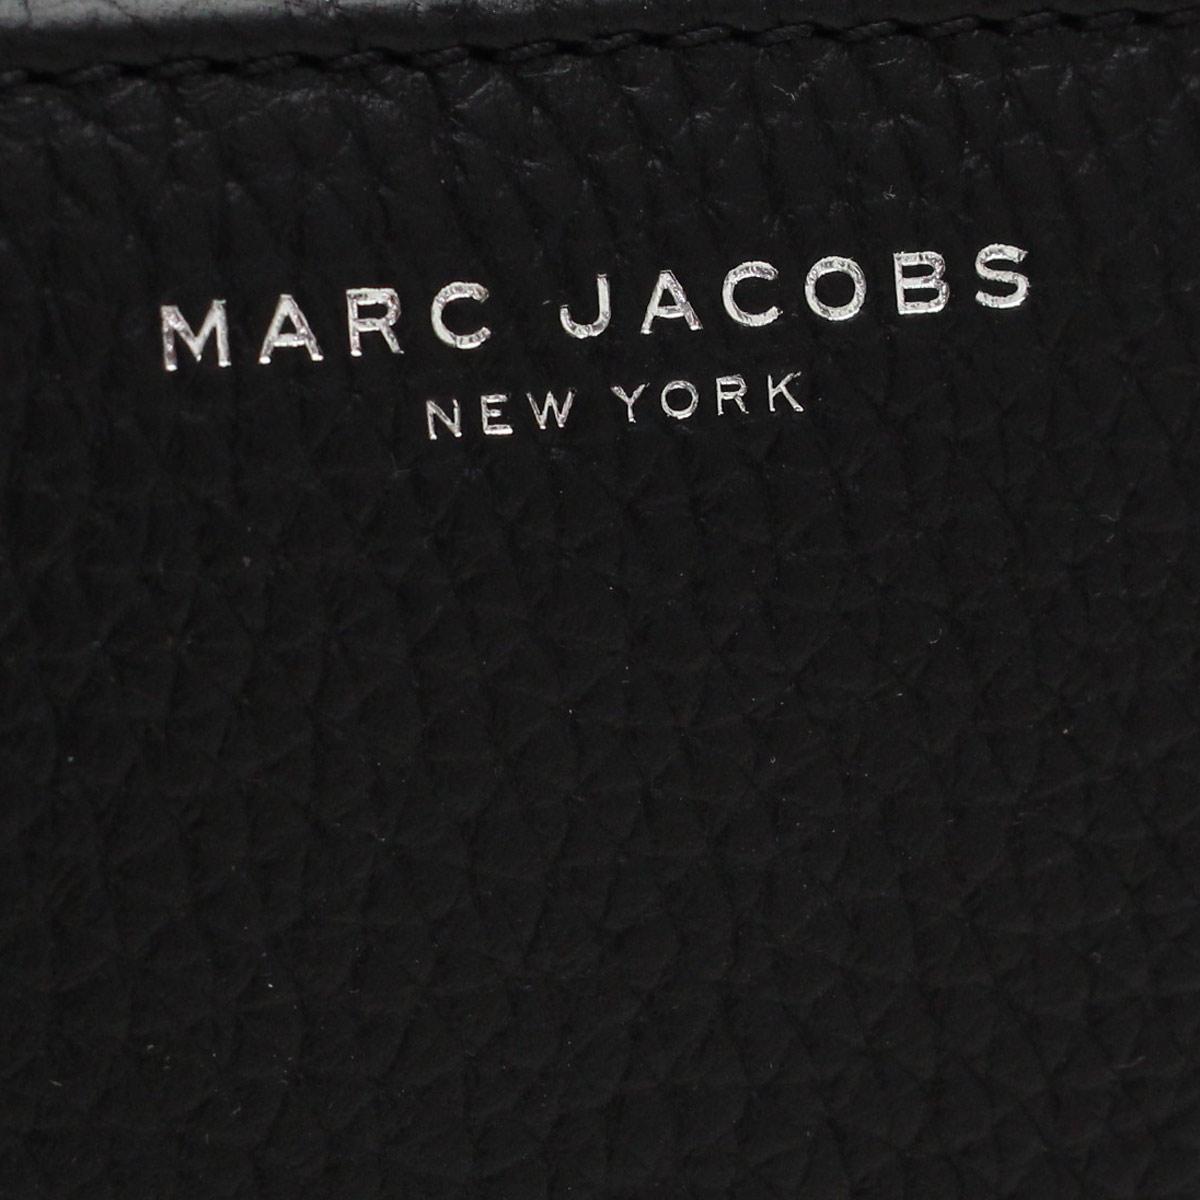 마크바이마크・제이콥스(MARC BY MARC JACOBS) GOTHAM CITY 2때지갑 동전 지갑 M0008454 001 BLACK 블랙